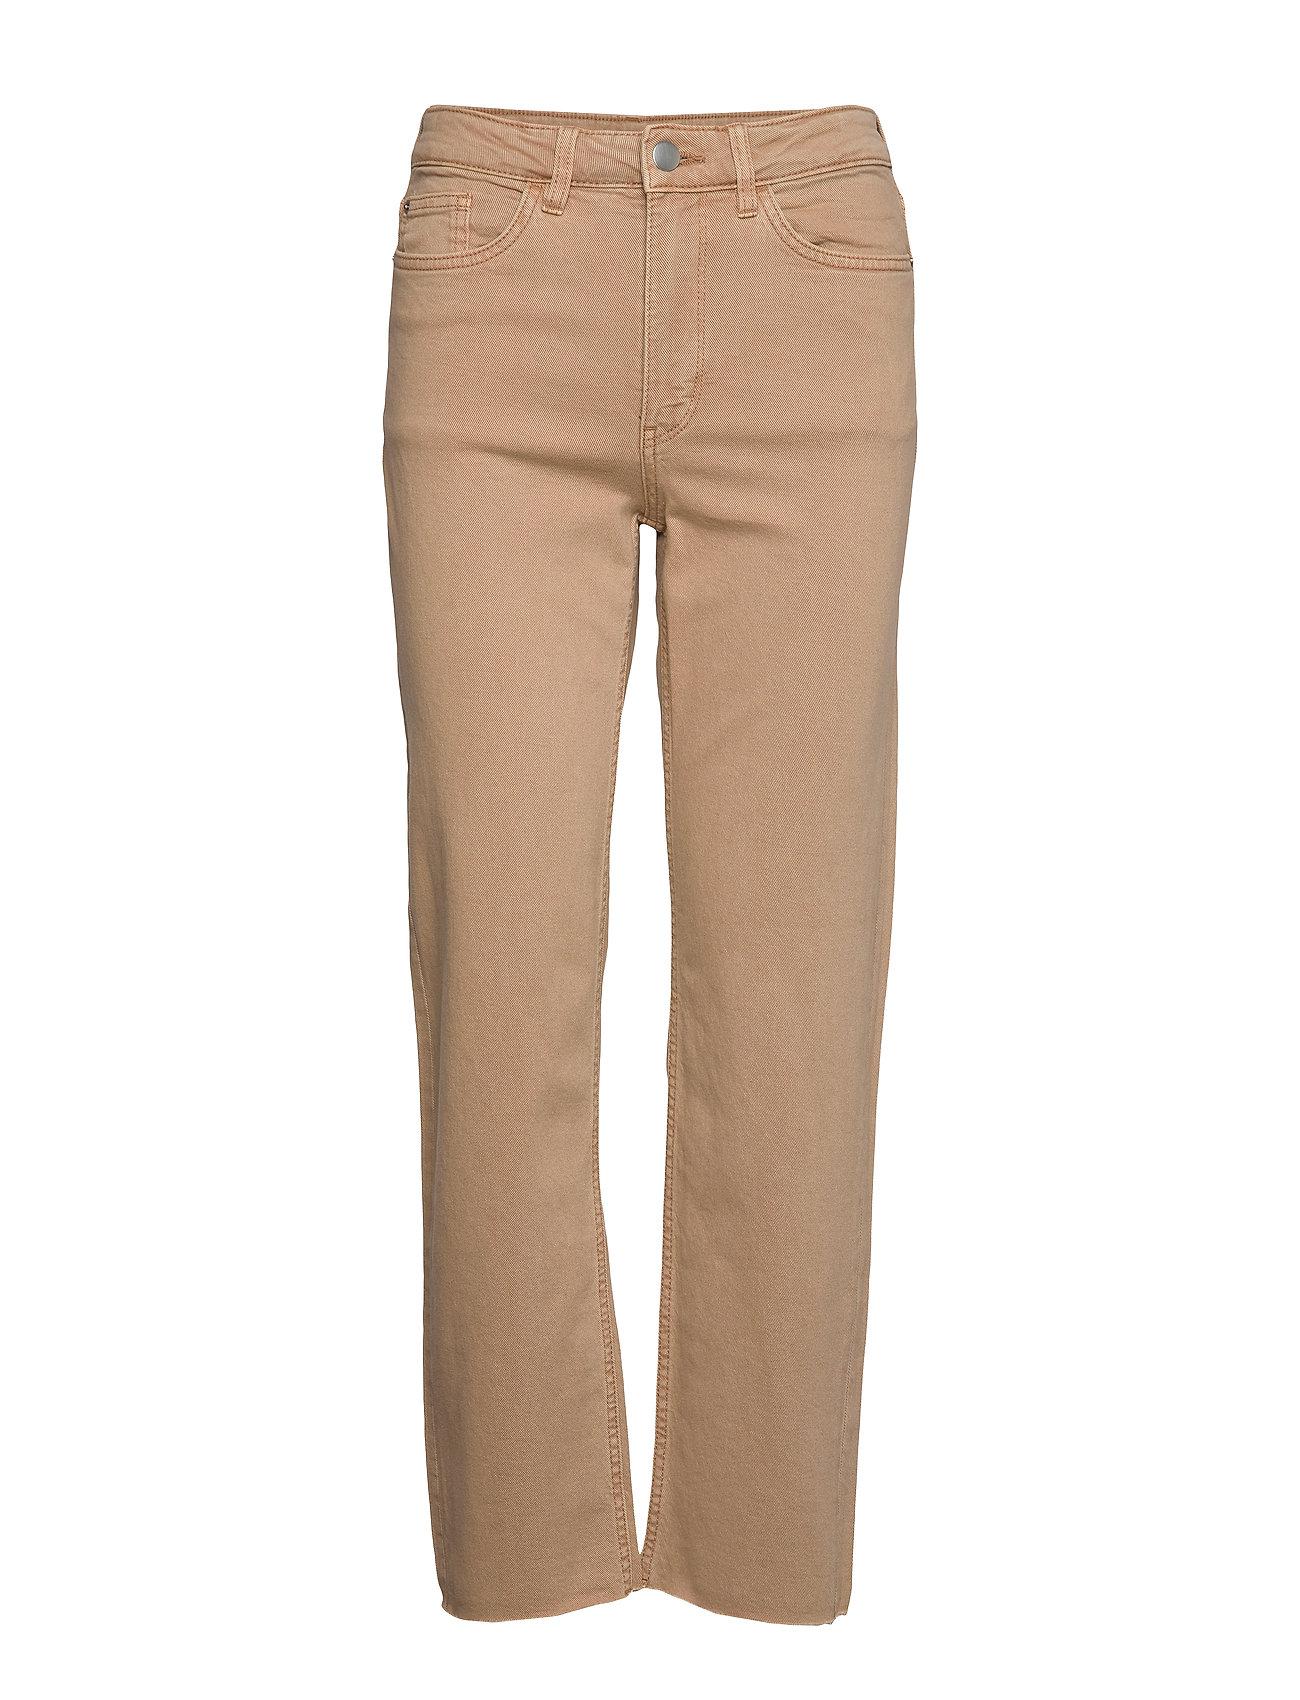 Lindex Denim trousers Nea twill cr - LIGHT BEIGE